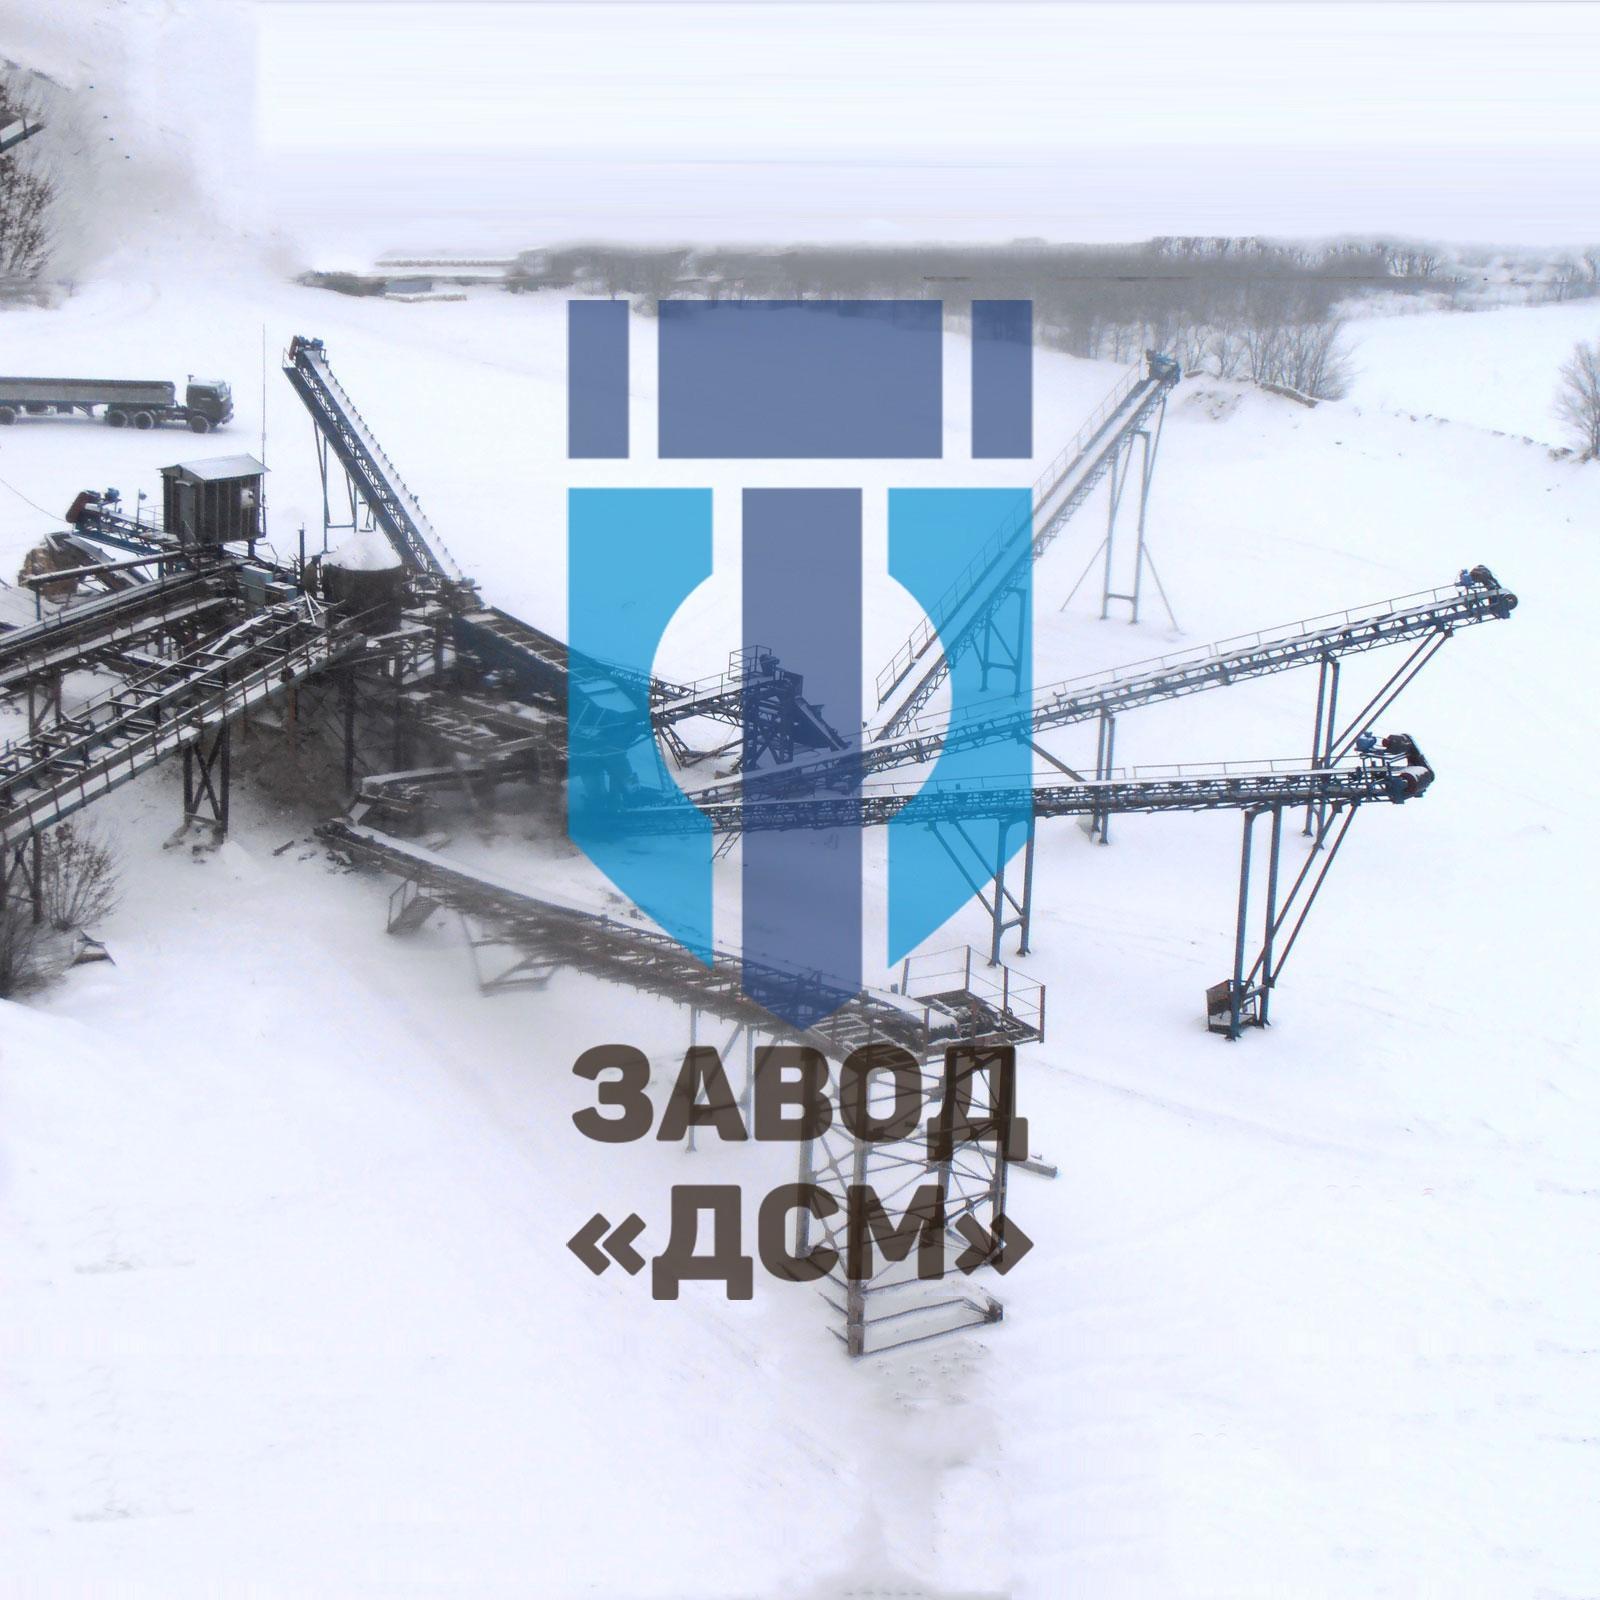 Дробильно сортировочное оборудование в Саратов производство гравия